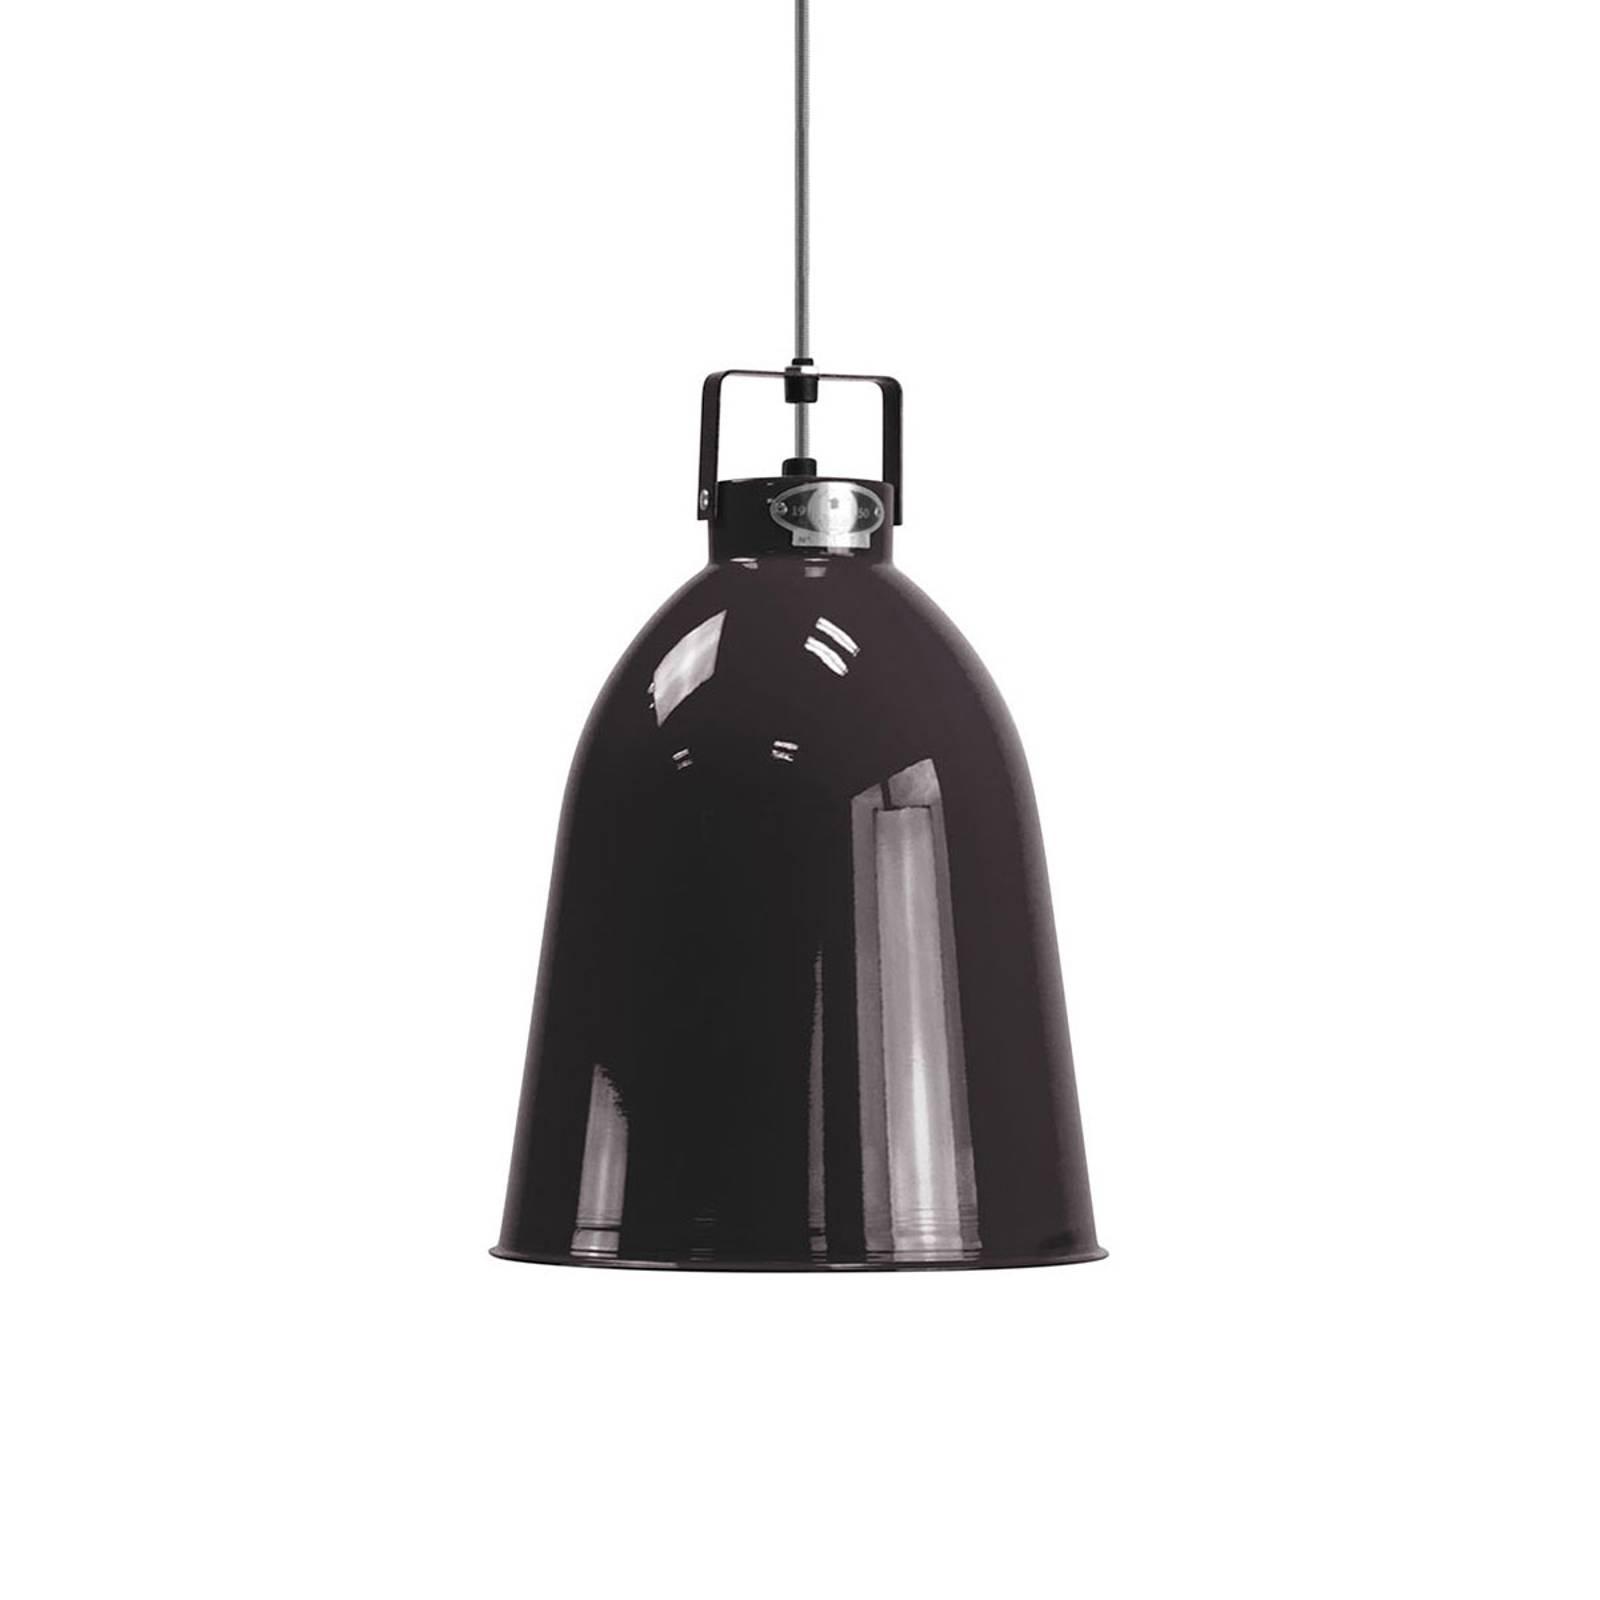 Jieldé Clément C240 lampa wisząca czarna Ø24cm